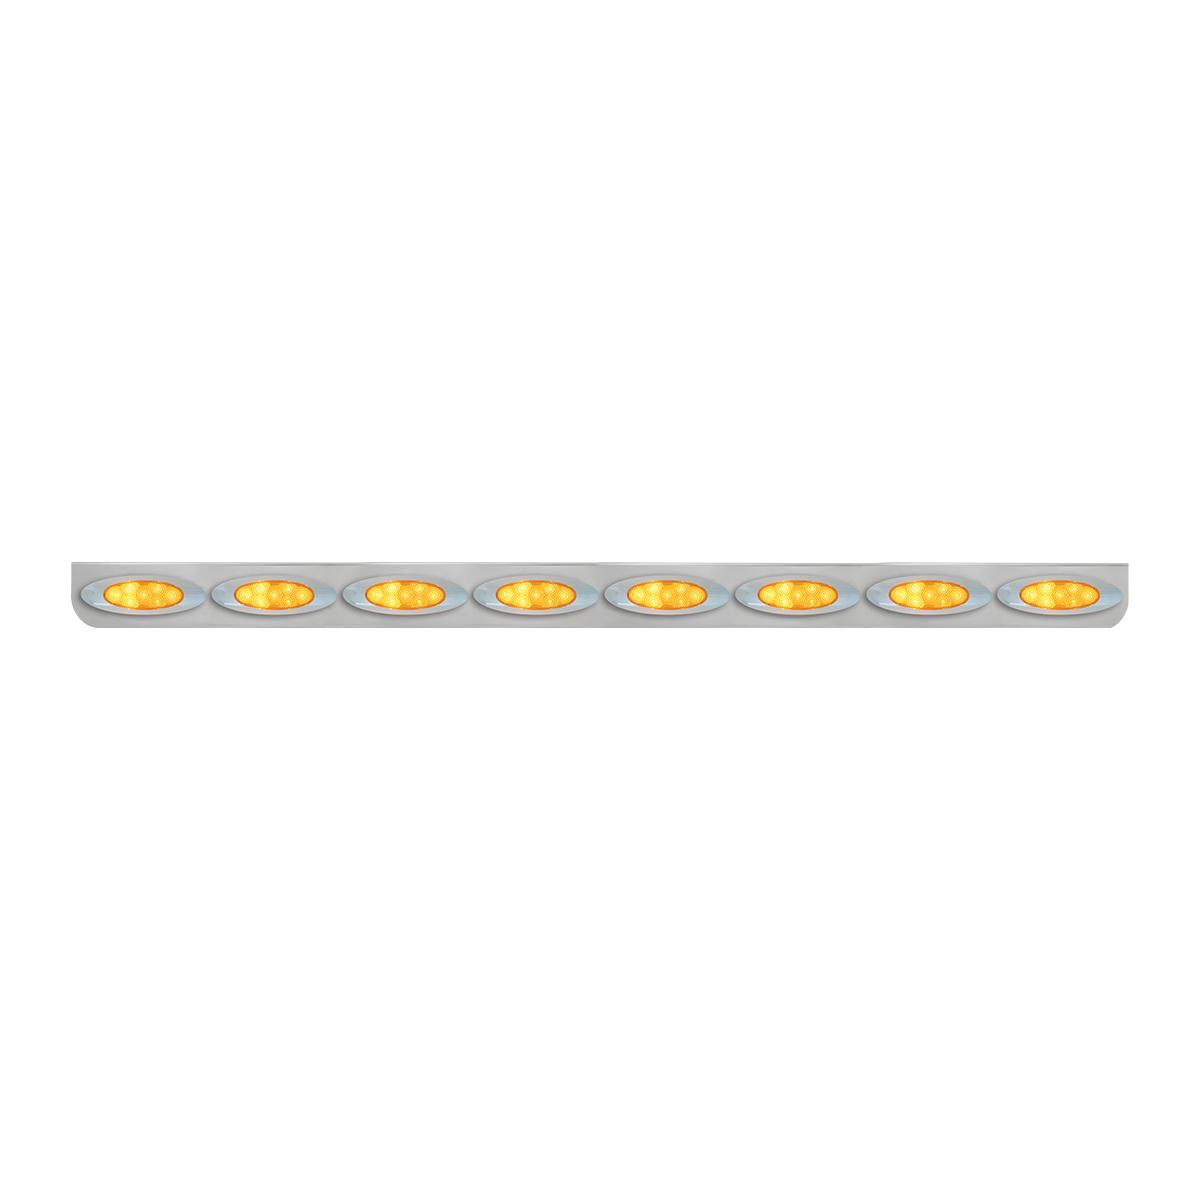 """#89096 8 Light Stainless Steel """"L"""" Shape Light Bracket with Plug-In Y2K Spyder LED Lights"""